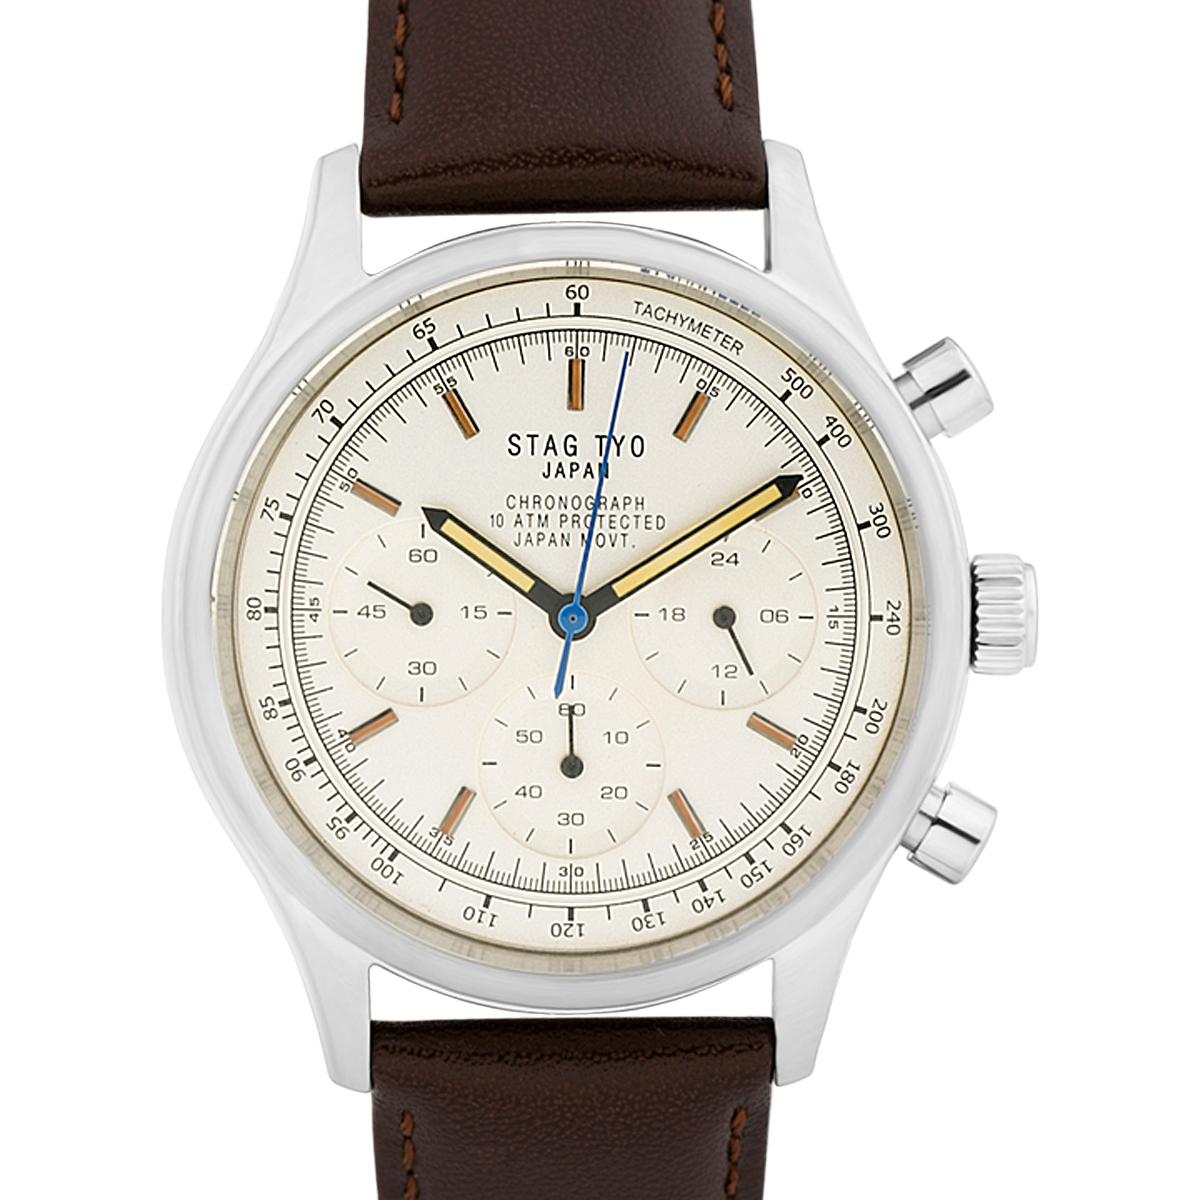 STAG TYO / STG017LT1 / メンズ腕時計